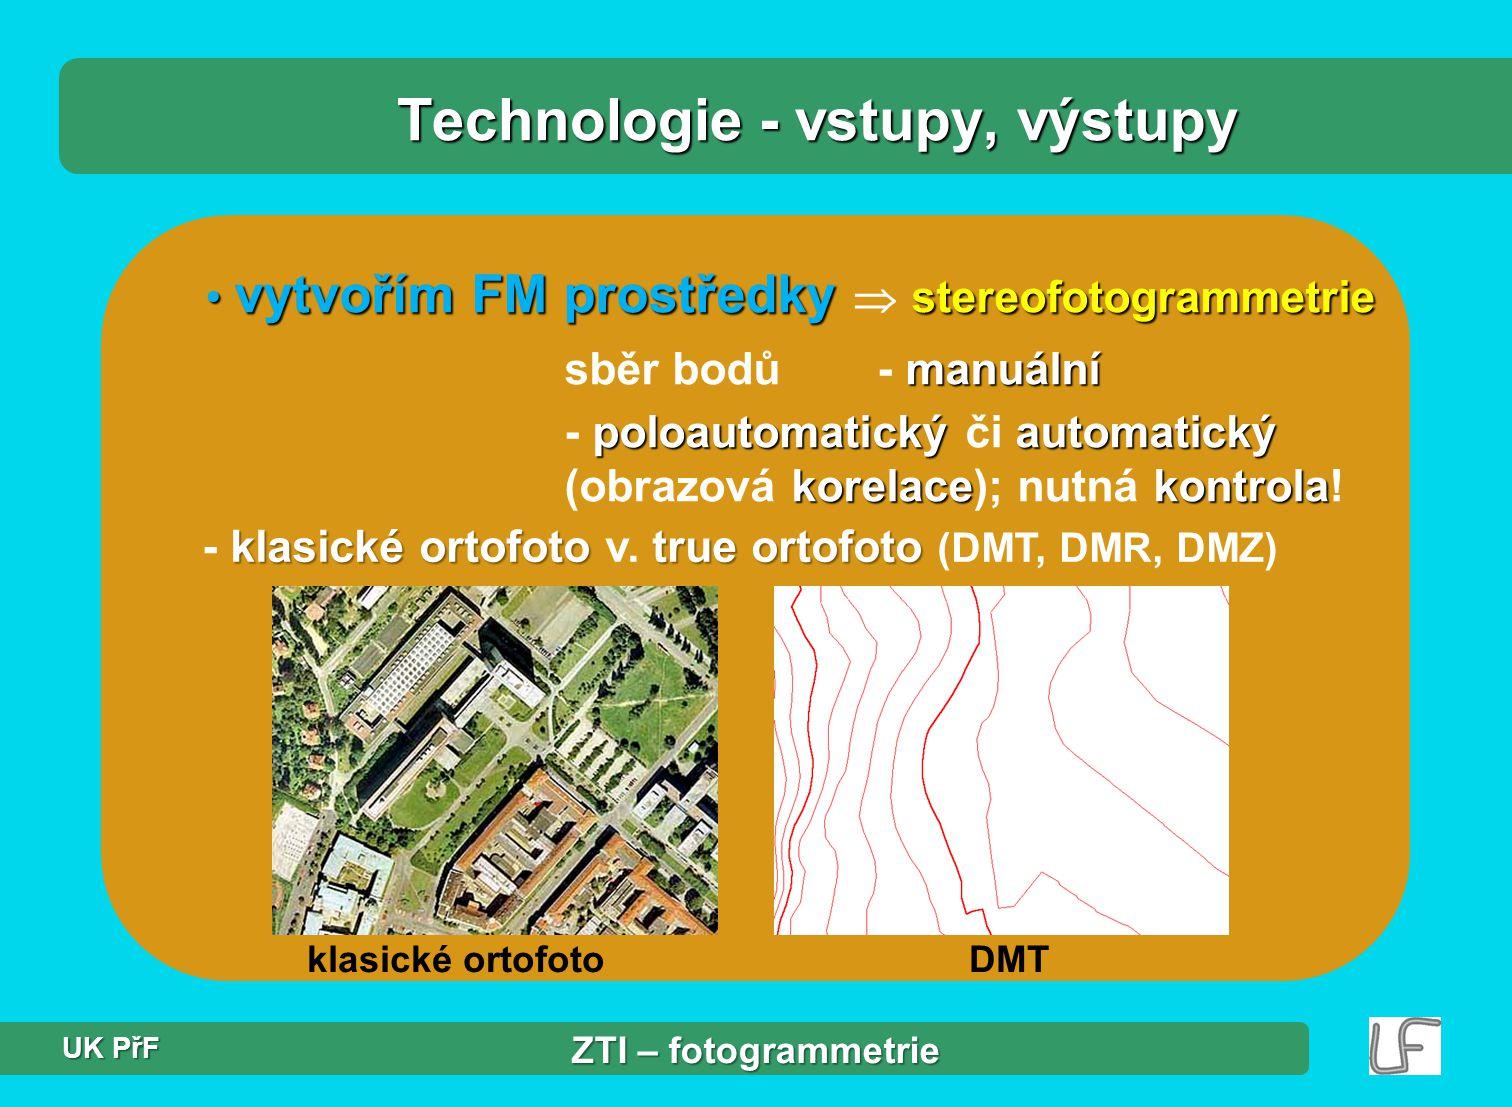 Technologie - vstupy, výstupy vytvořím FM prostředky stereofotogrammetrie vytvořím FM prostředky  stereofotogrammetrie manuální sběr bodů- manuální p